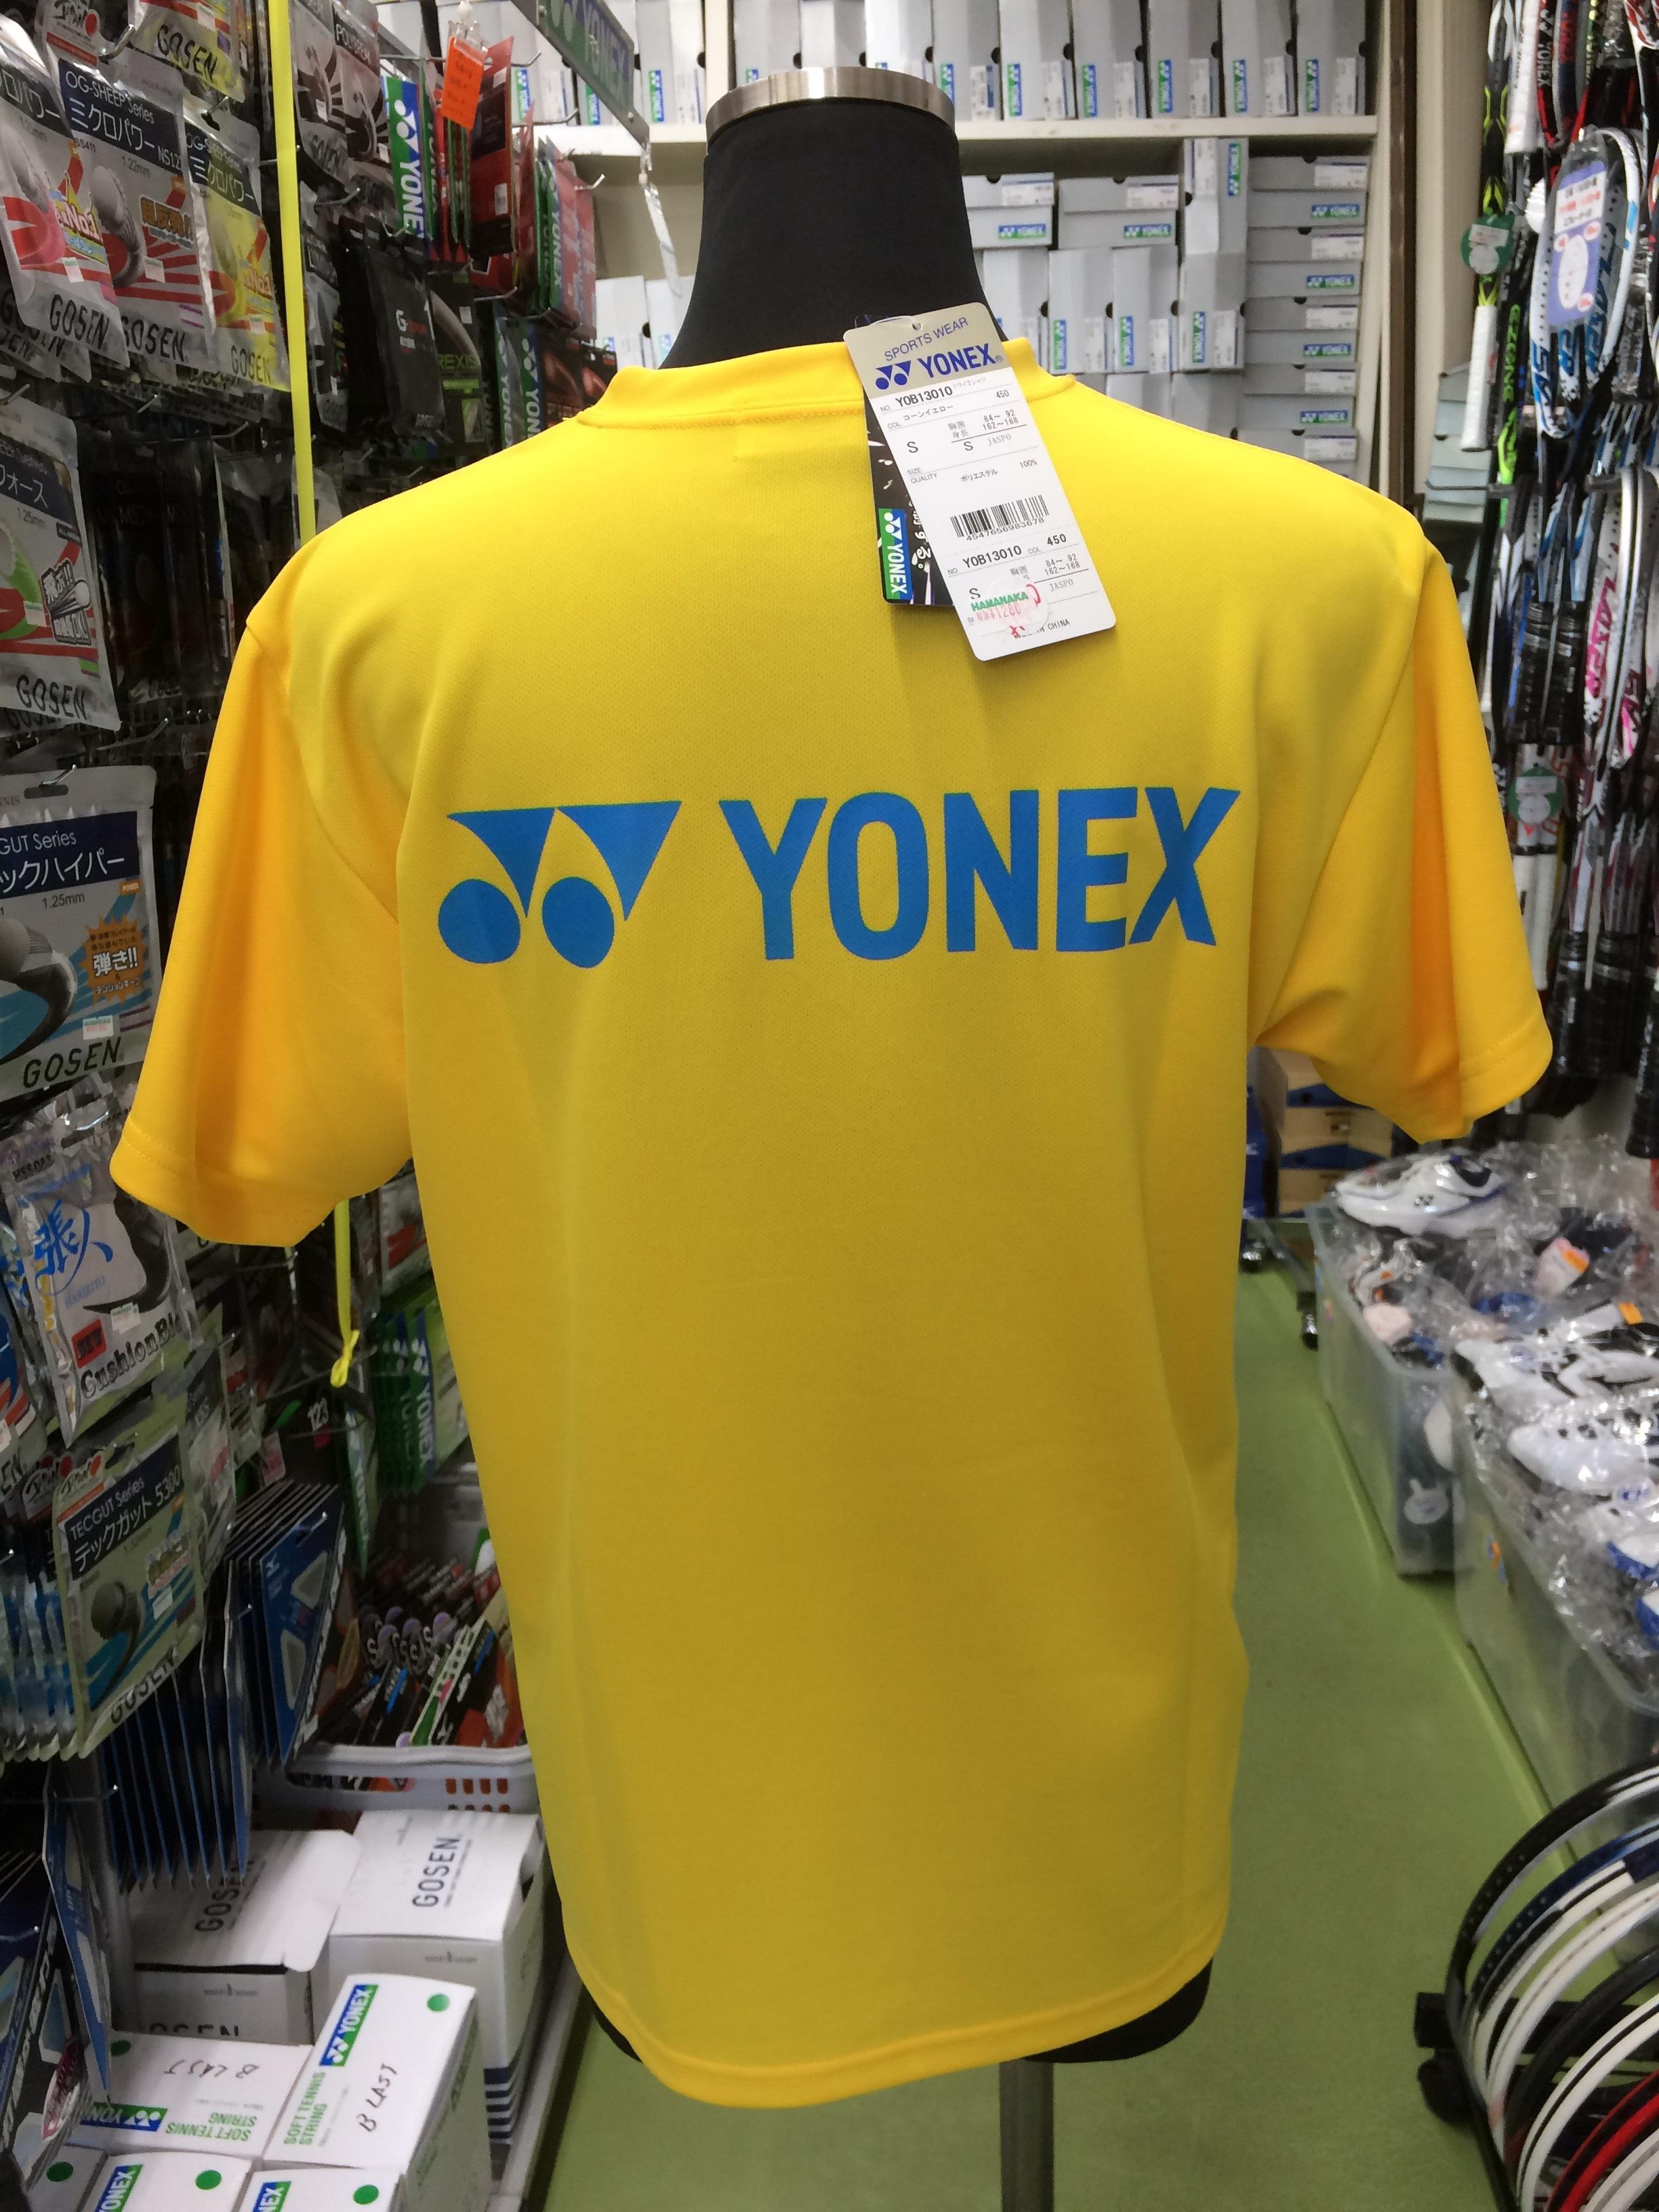 ヨネックス ユニドライTシャツ YOB13010 - 画像2